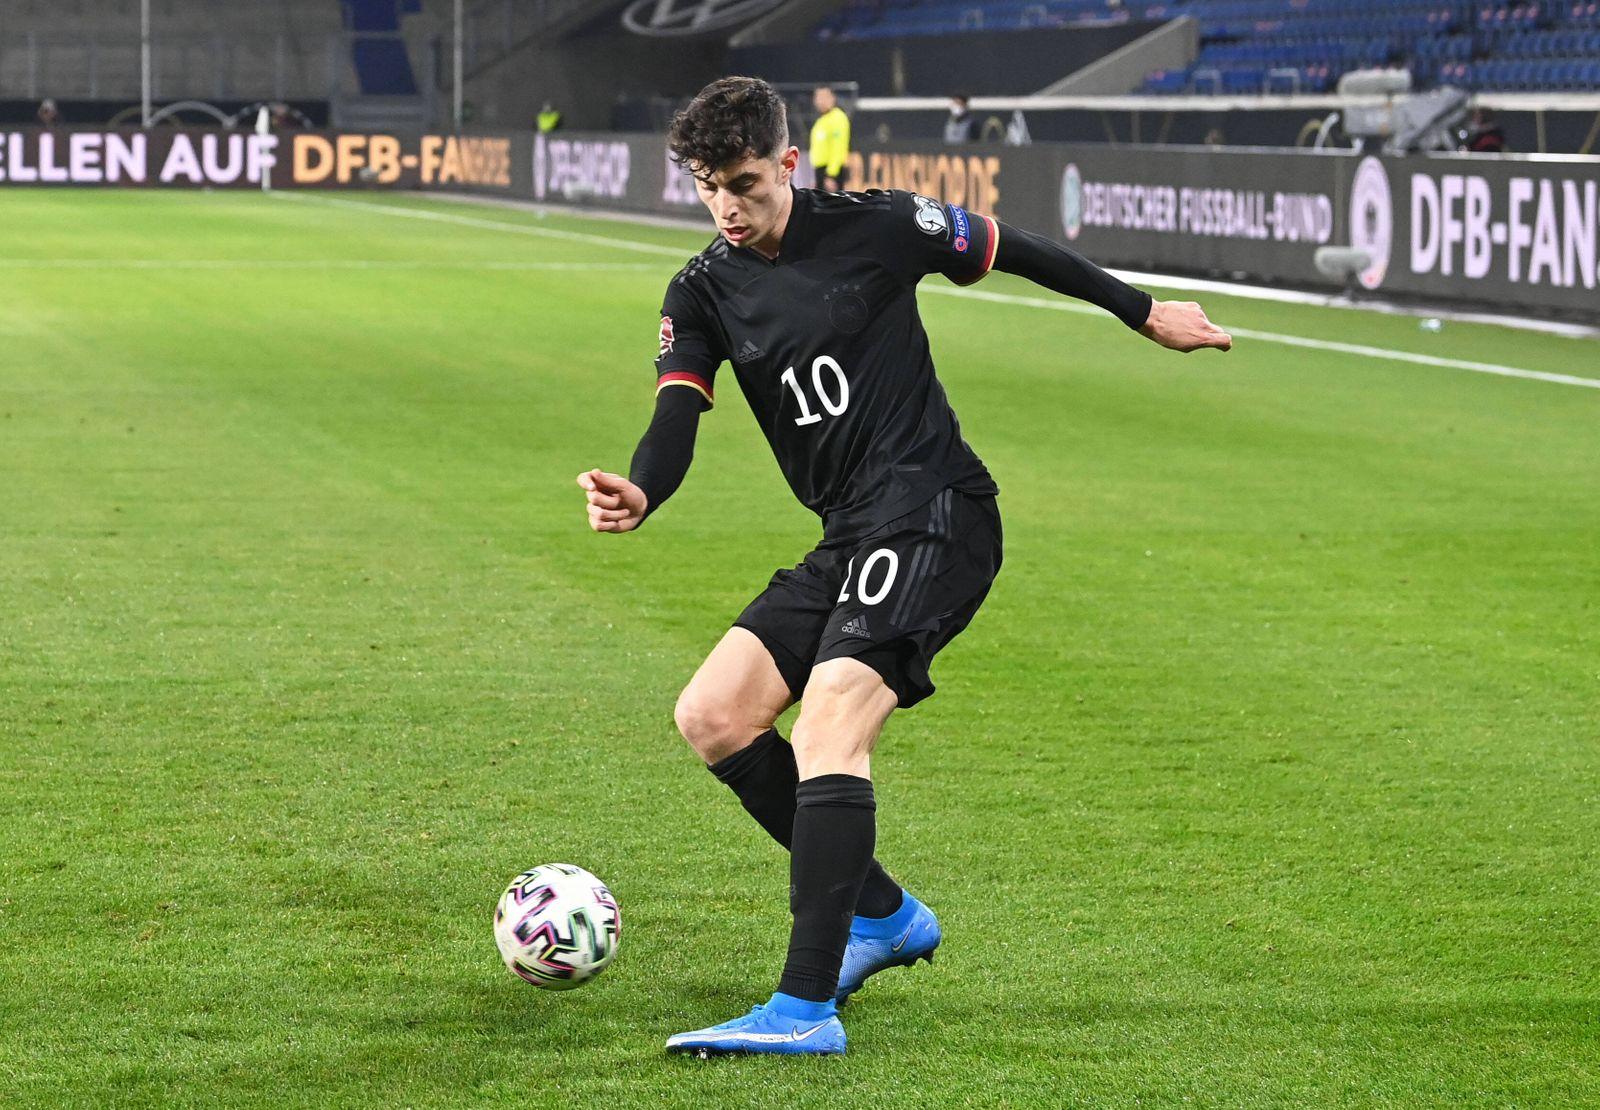 Fussball, Herren, Saison 2020/21, WM-Qualifikation (Gruppe J, 1. Spieltag) in Duisburg, Deutschland - Island, Kai Havert